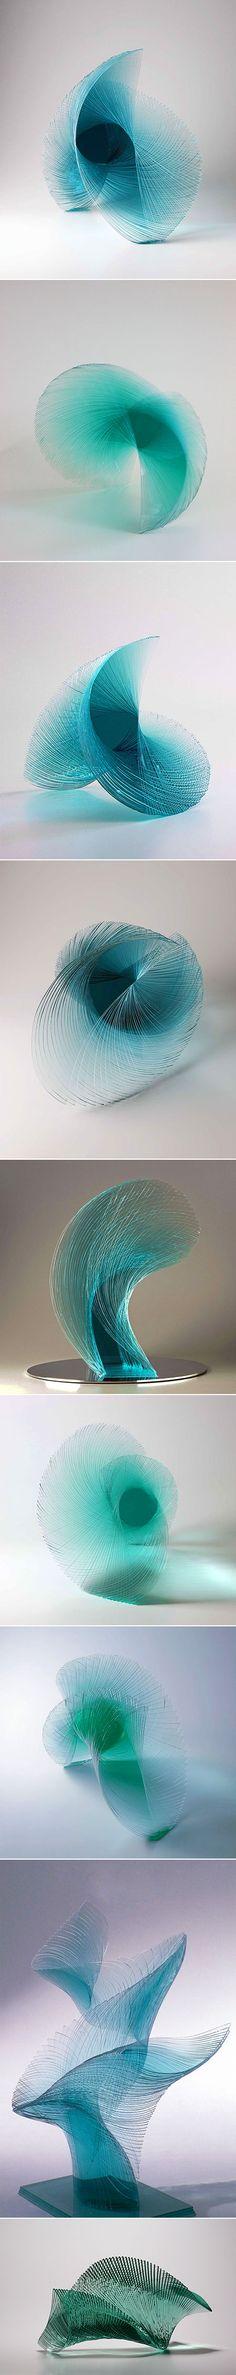 Artist Niyoko Ikuta uses layers of laminated sheet glass to create spiraling geometric sculptures.